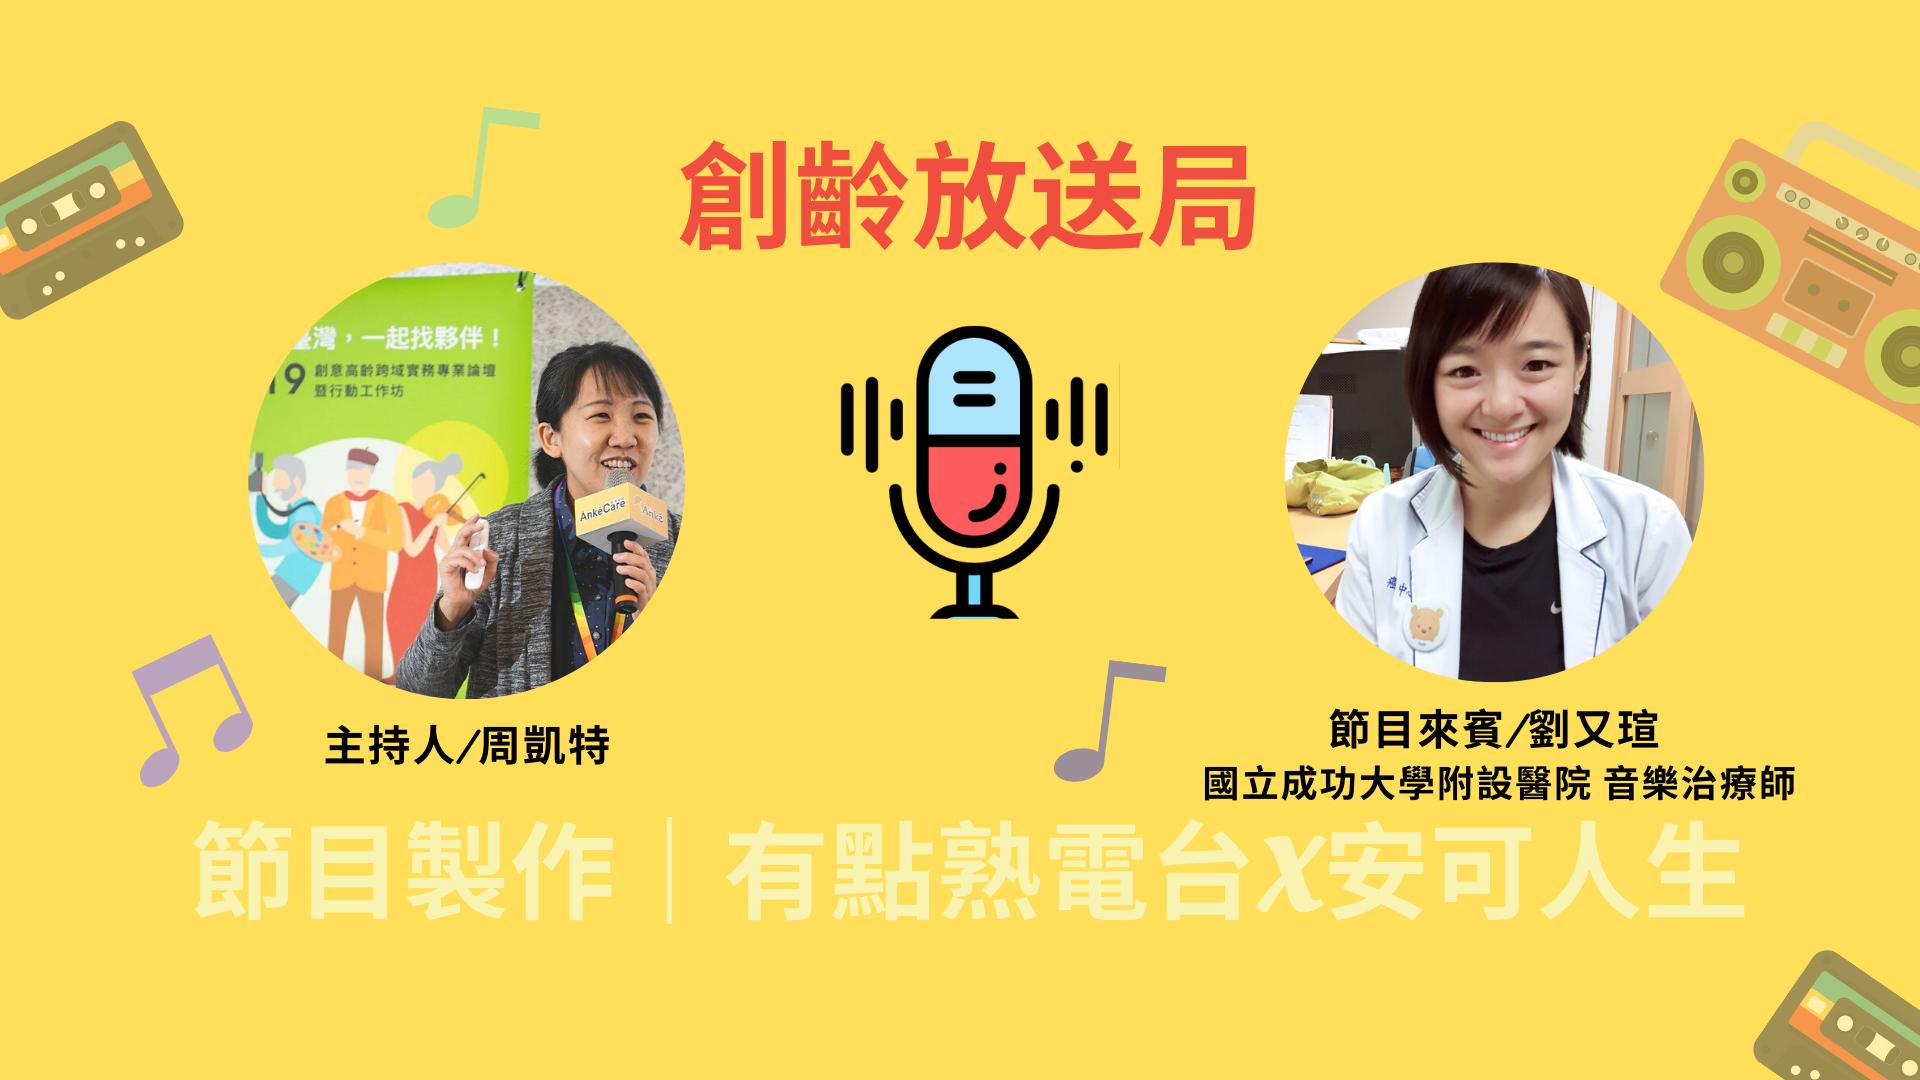 創齡放送局●EP 01 / 本集來賓:音樂治療師劉又瑄